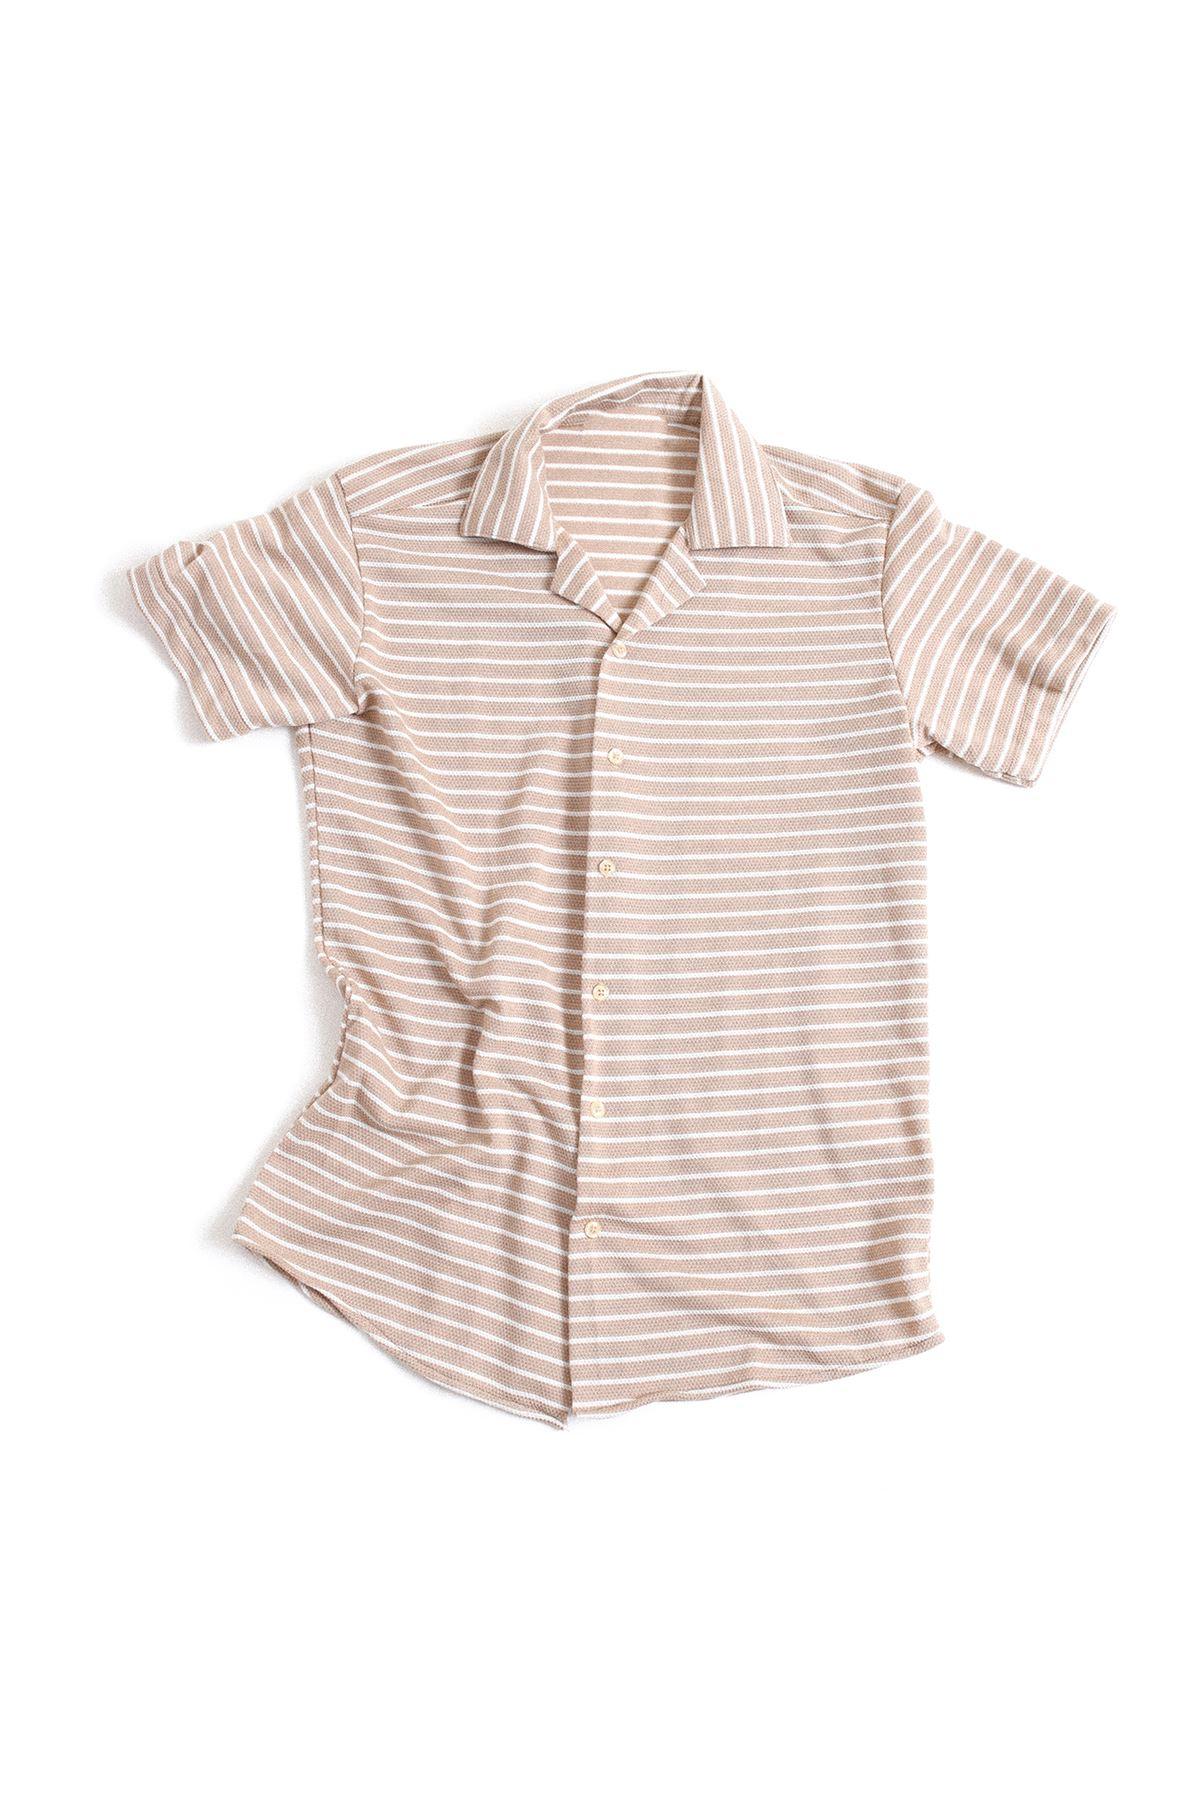 Beyaz Çizgili Bej Triko Gömlek